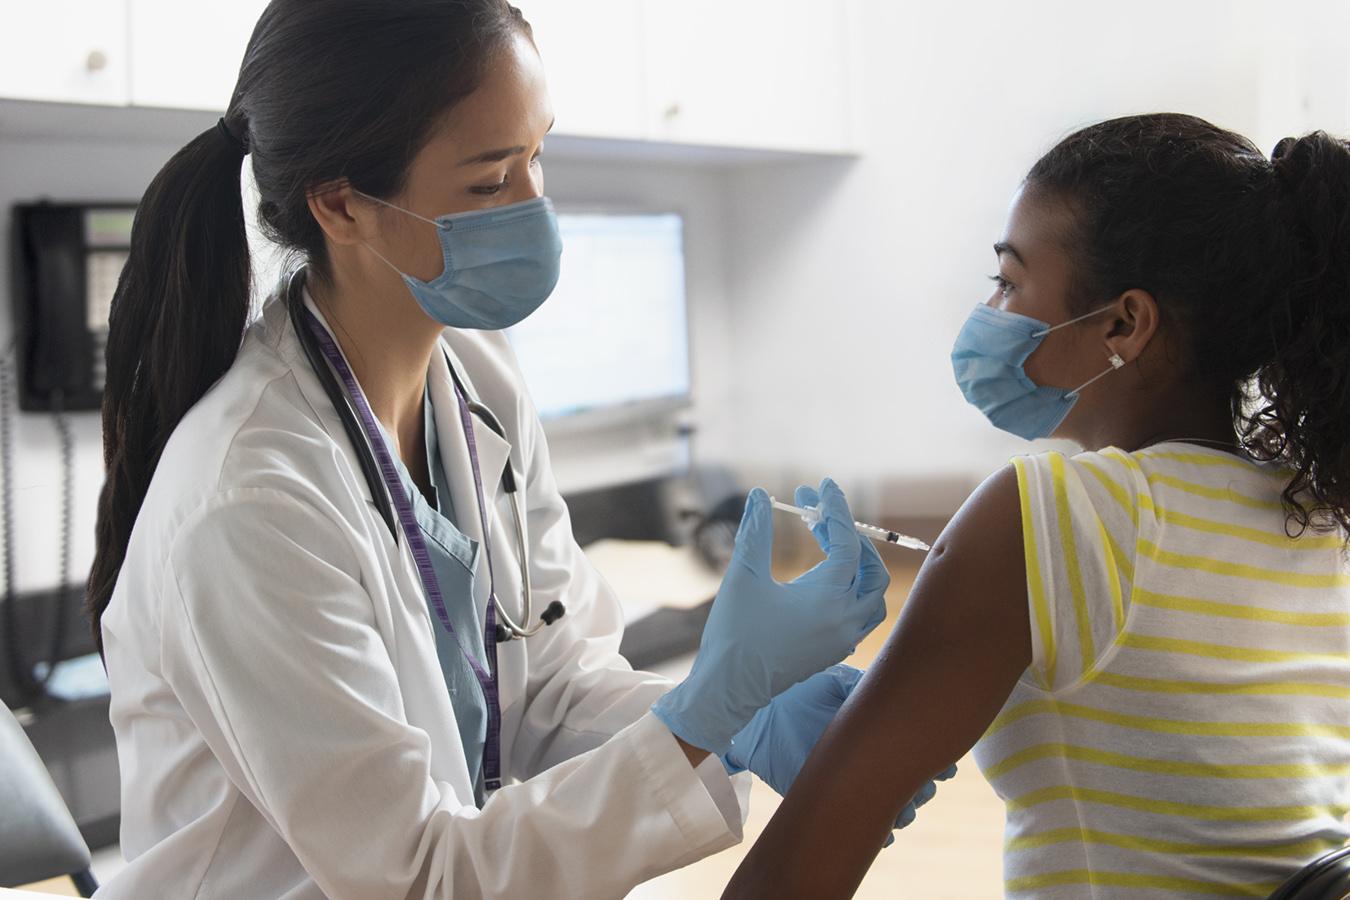 इस समय दुनियाभर में कई वैक्सीन के बच्चों पर ट्रायल्स हो रहे हैं। अमेरिका जैसे देशों में यह कहने वाले भी कम नहीं हैं कि जब बच्चों को इस वायरस से खतरा नहीं है तो उन्हें वैक्सीन लगाने की जरूरत क्या है।